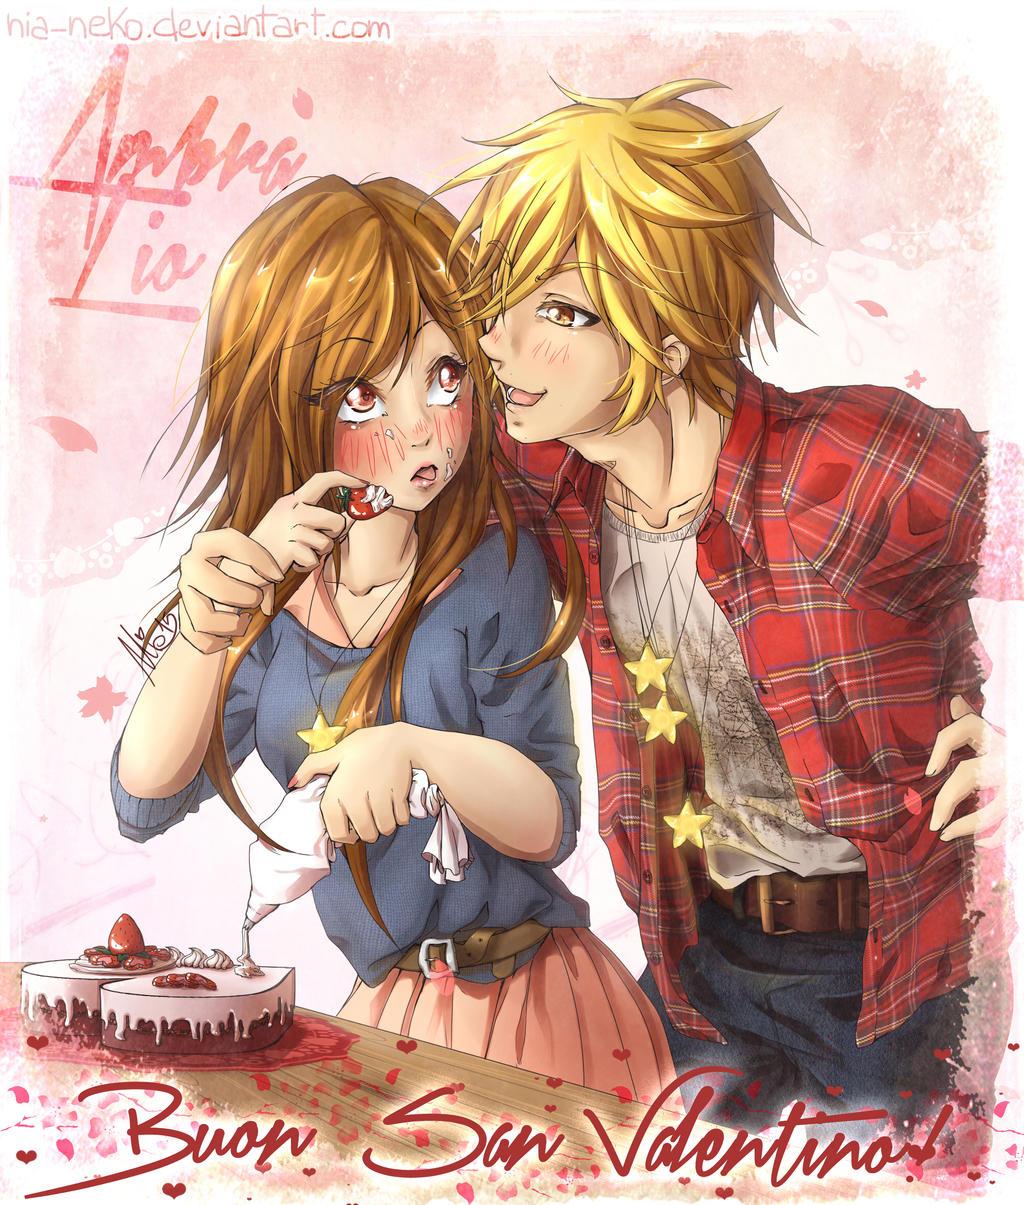 [CS] Happy Valentine's Day!